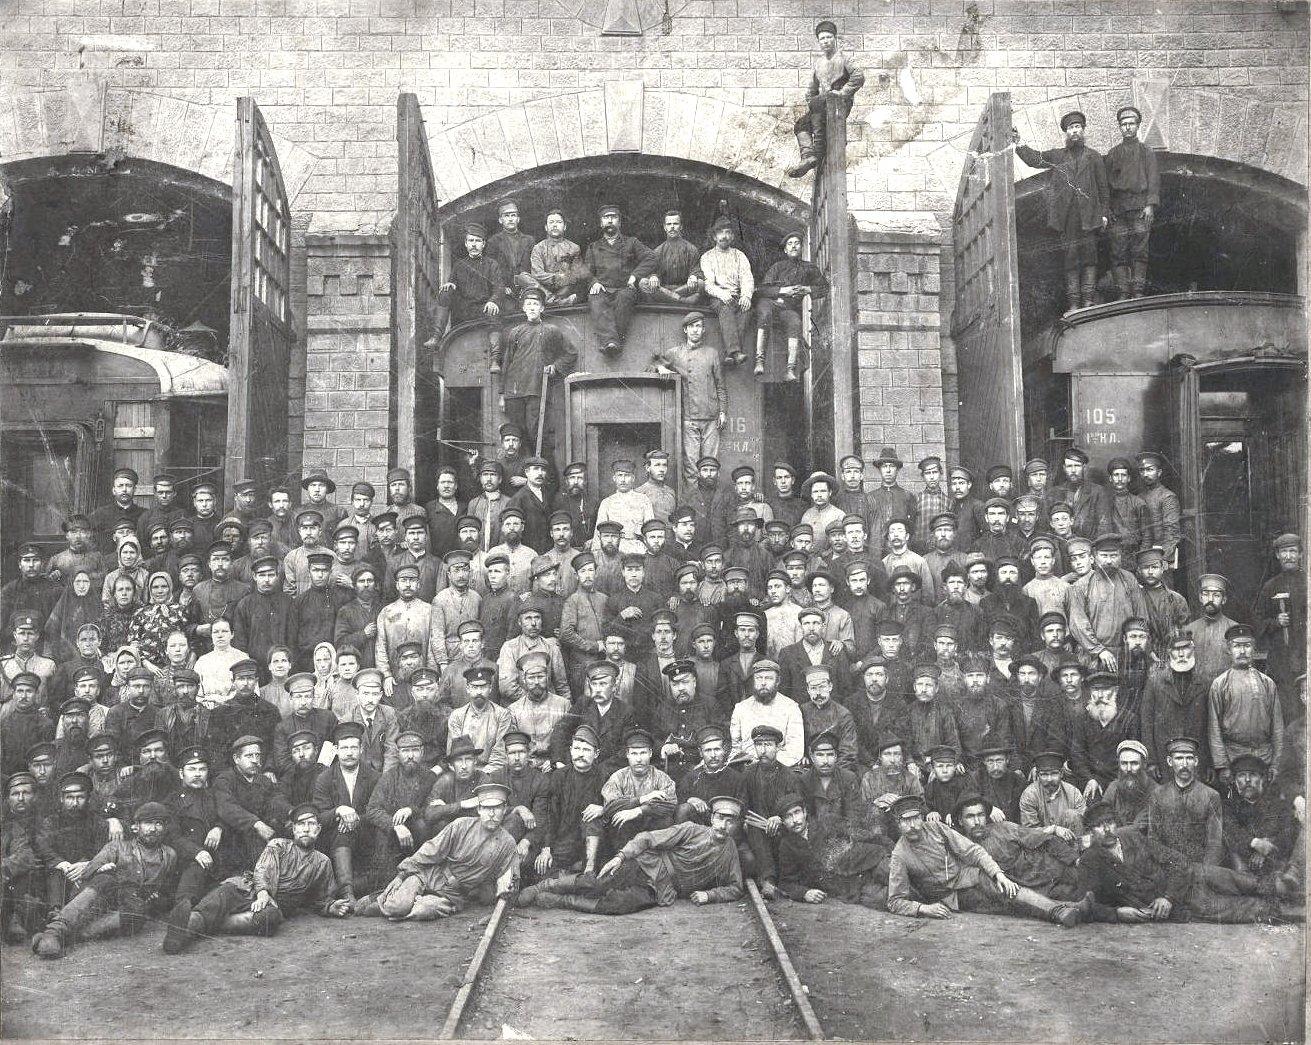 22. Рабочие и служащие железнодорожной станции Иркутск. 1909